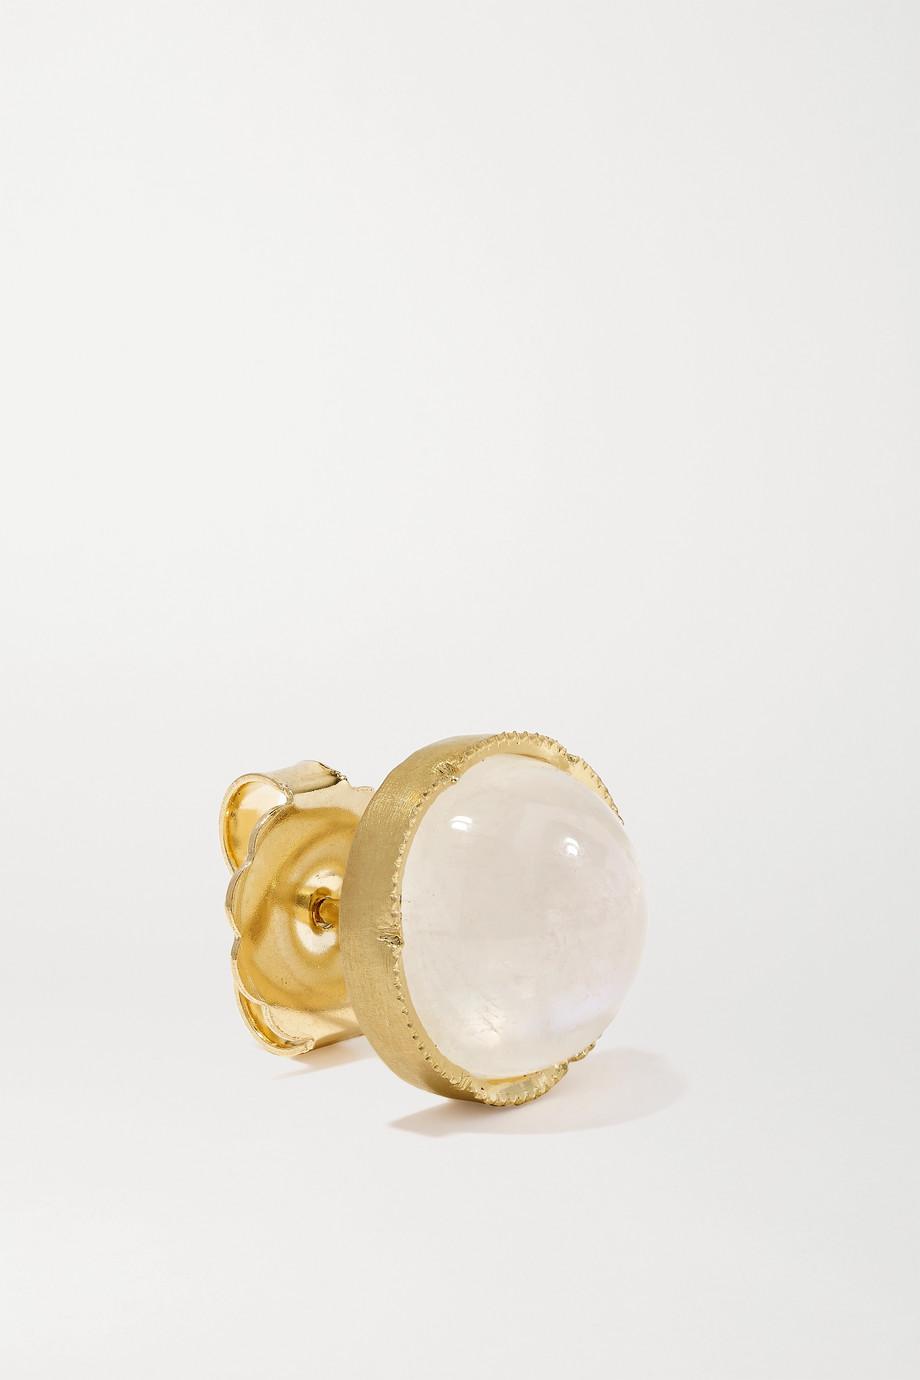 Irene Neuwirth Boucles d'oreilles en or 18 carats et pierres de lune Classic